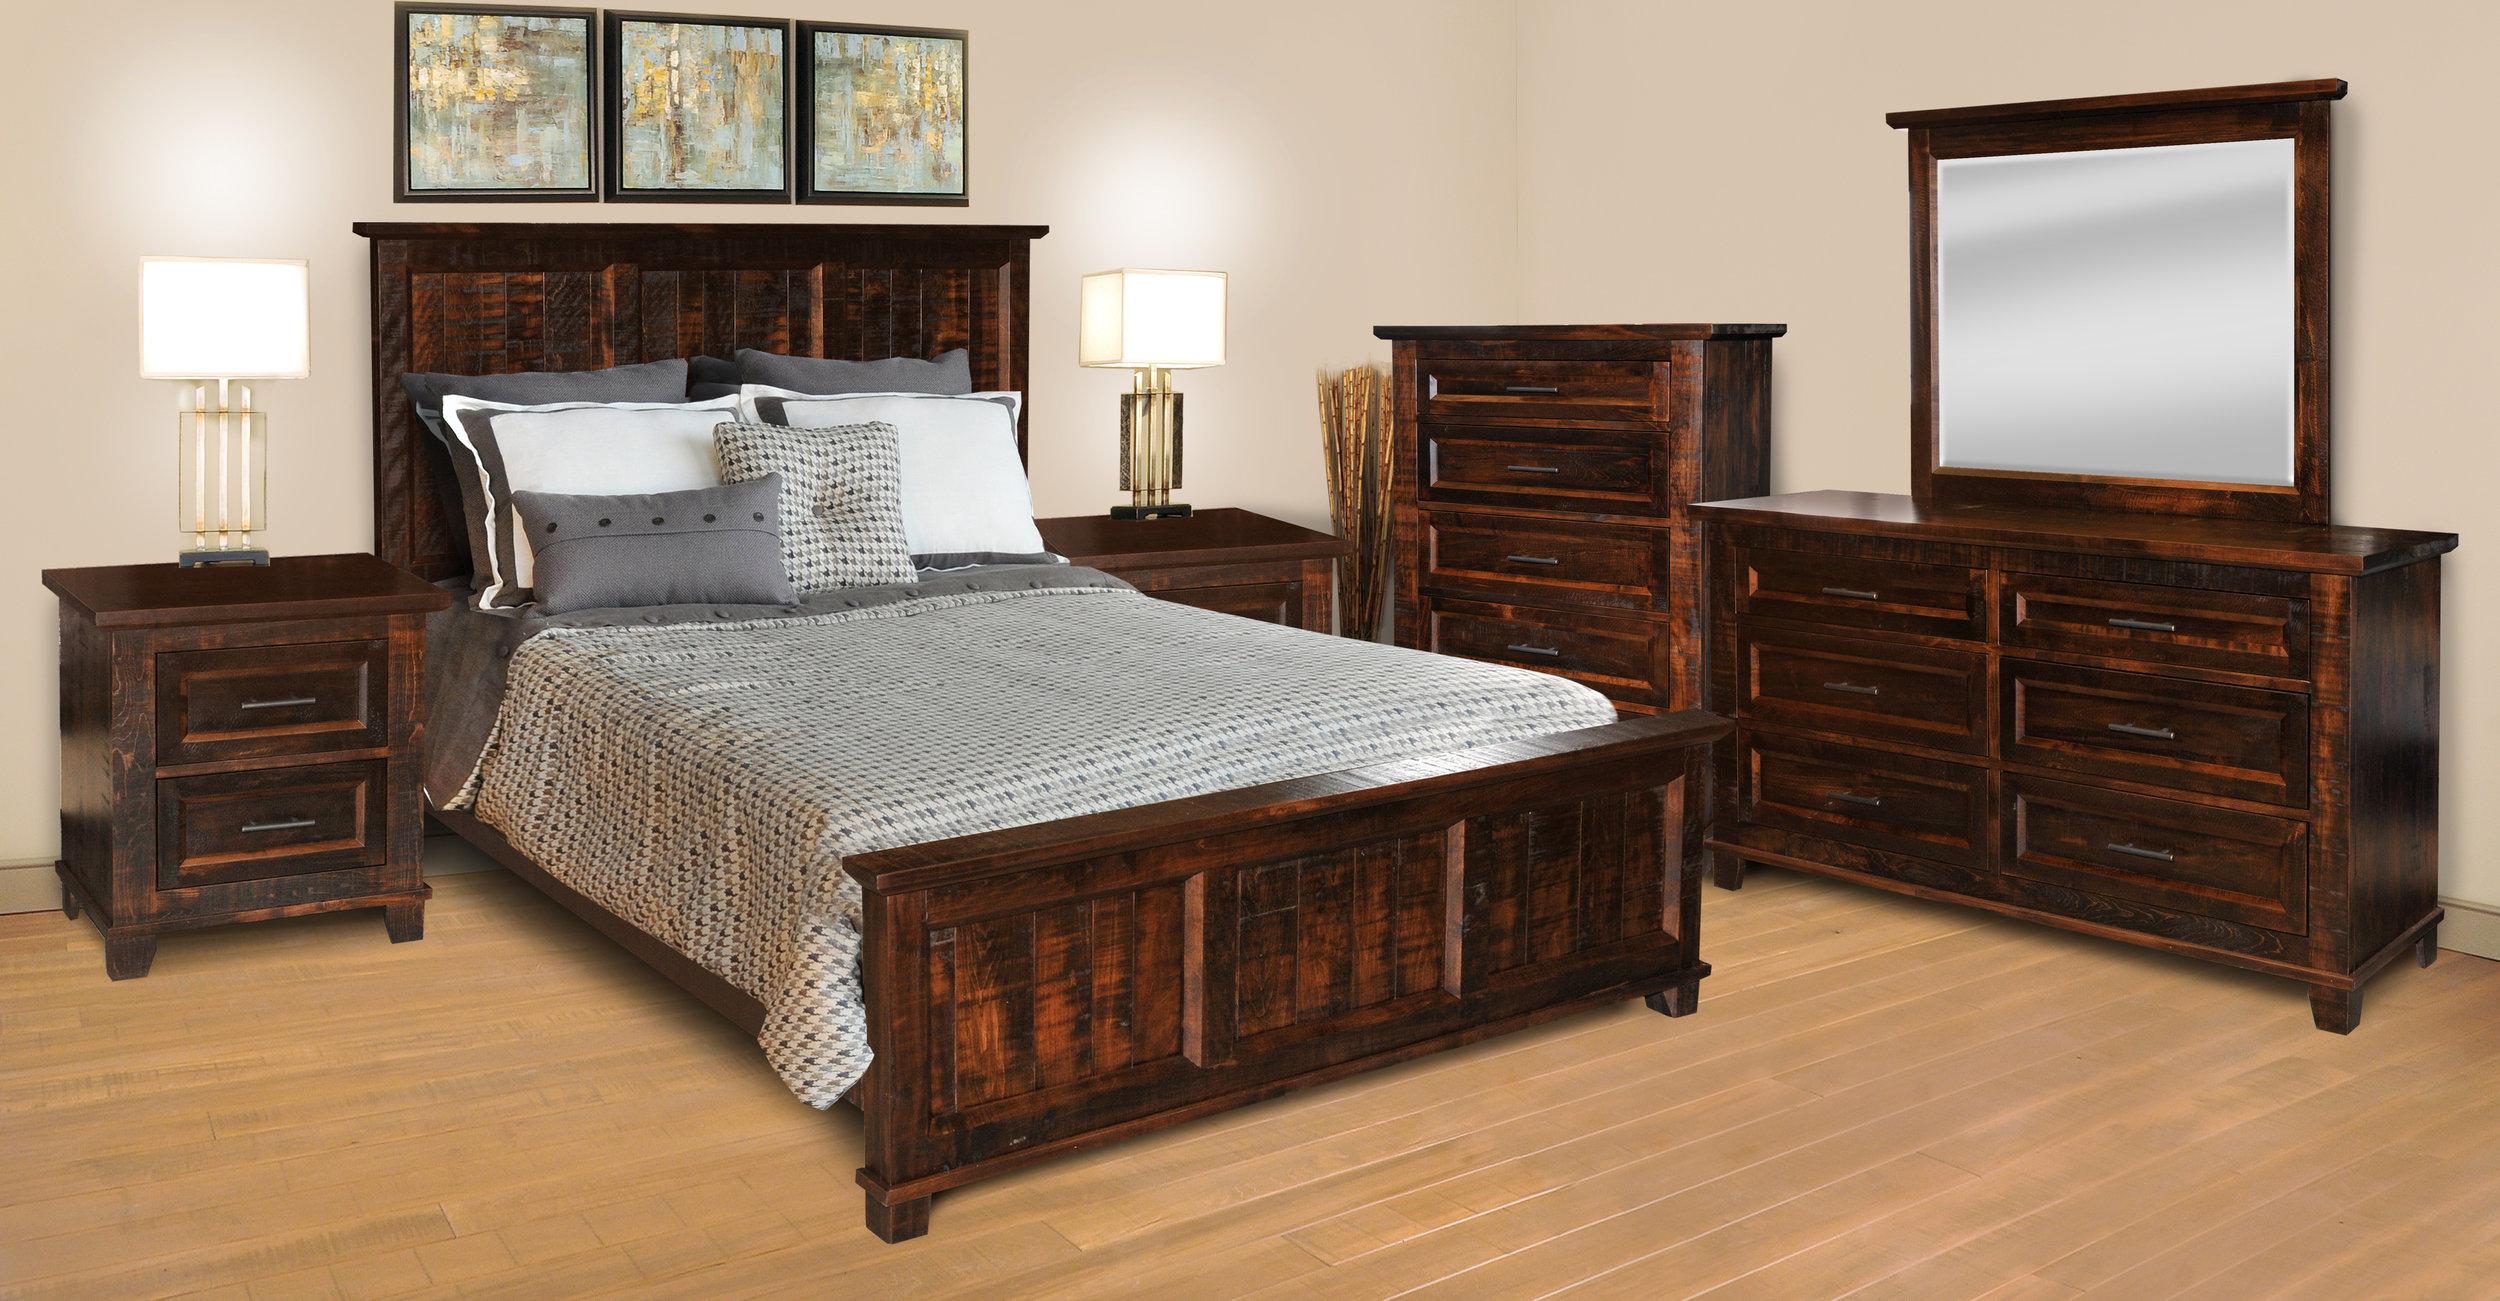 Rustic Algonquin bedroom set